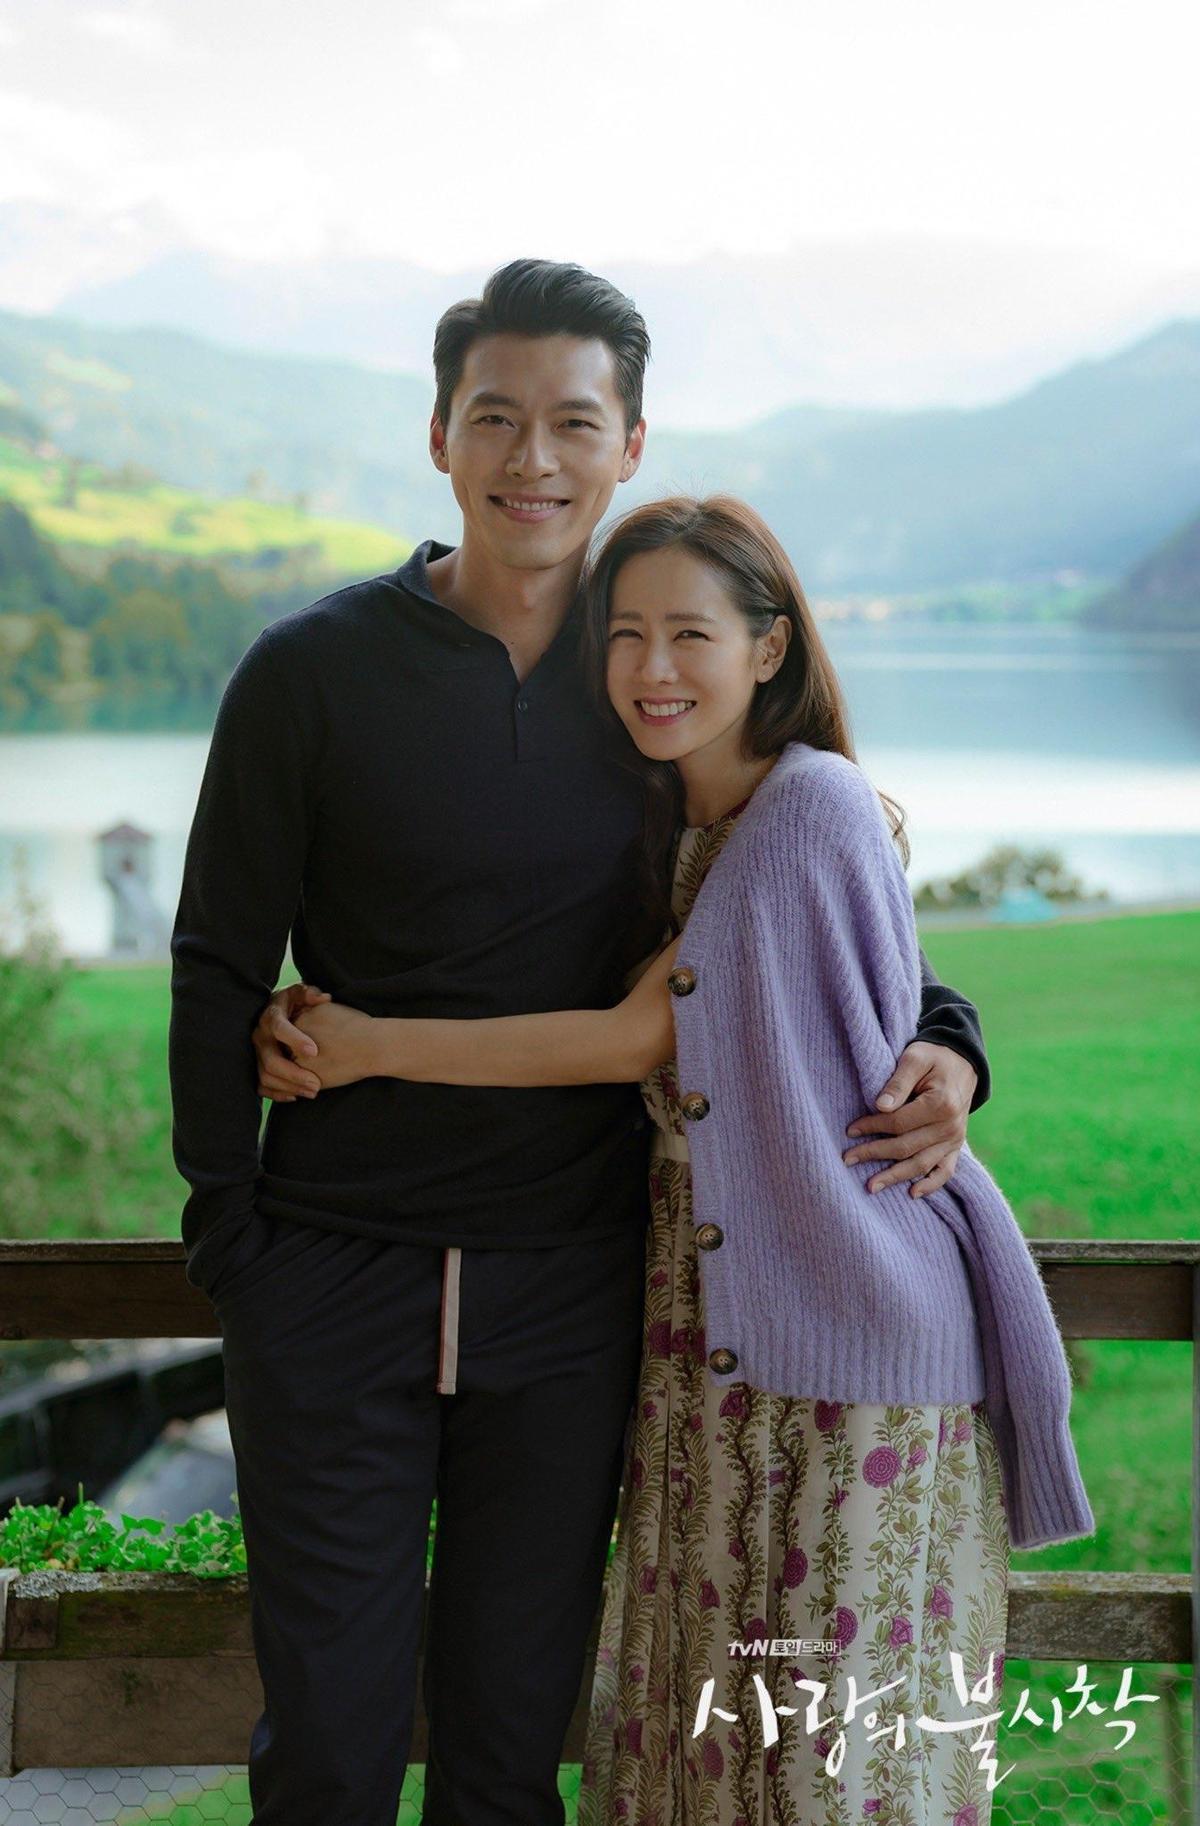 tvN電視台昨日釋出未公開劇照,粉絲紛紛猜測是「隱藏版結局」。(翻攝自tvN推特)